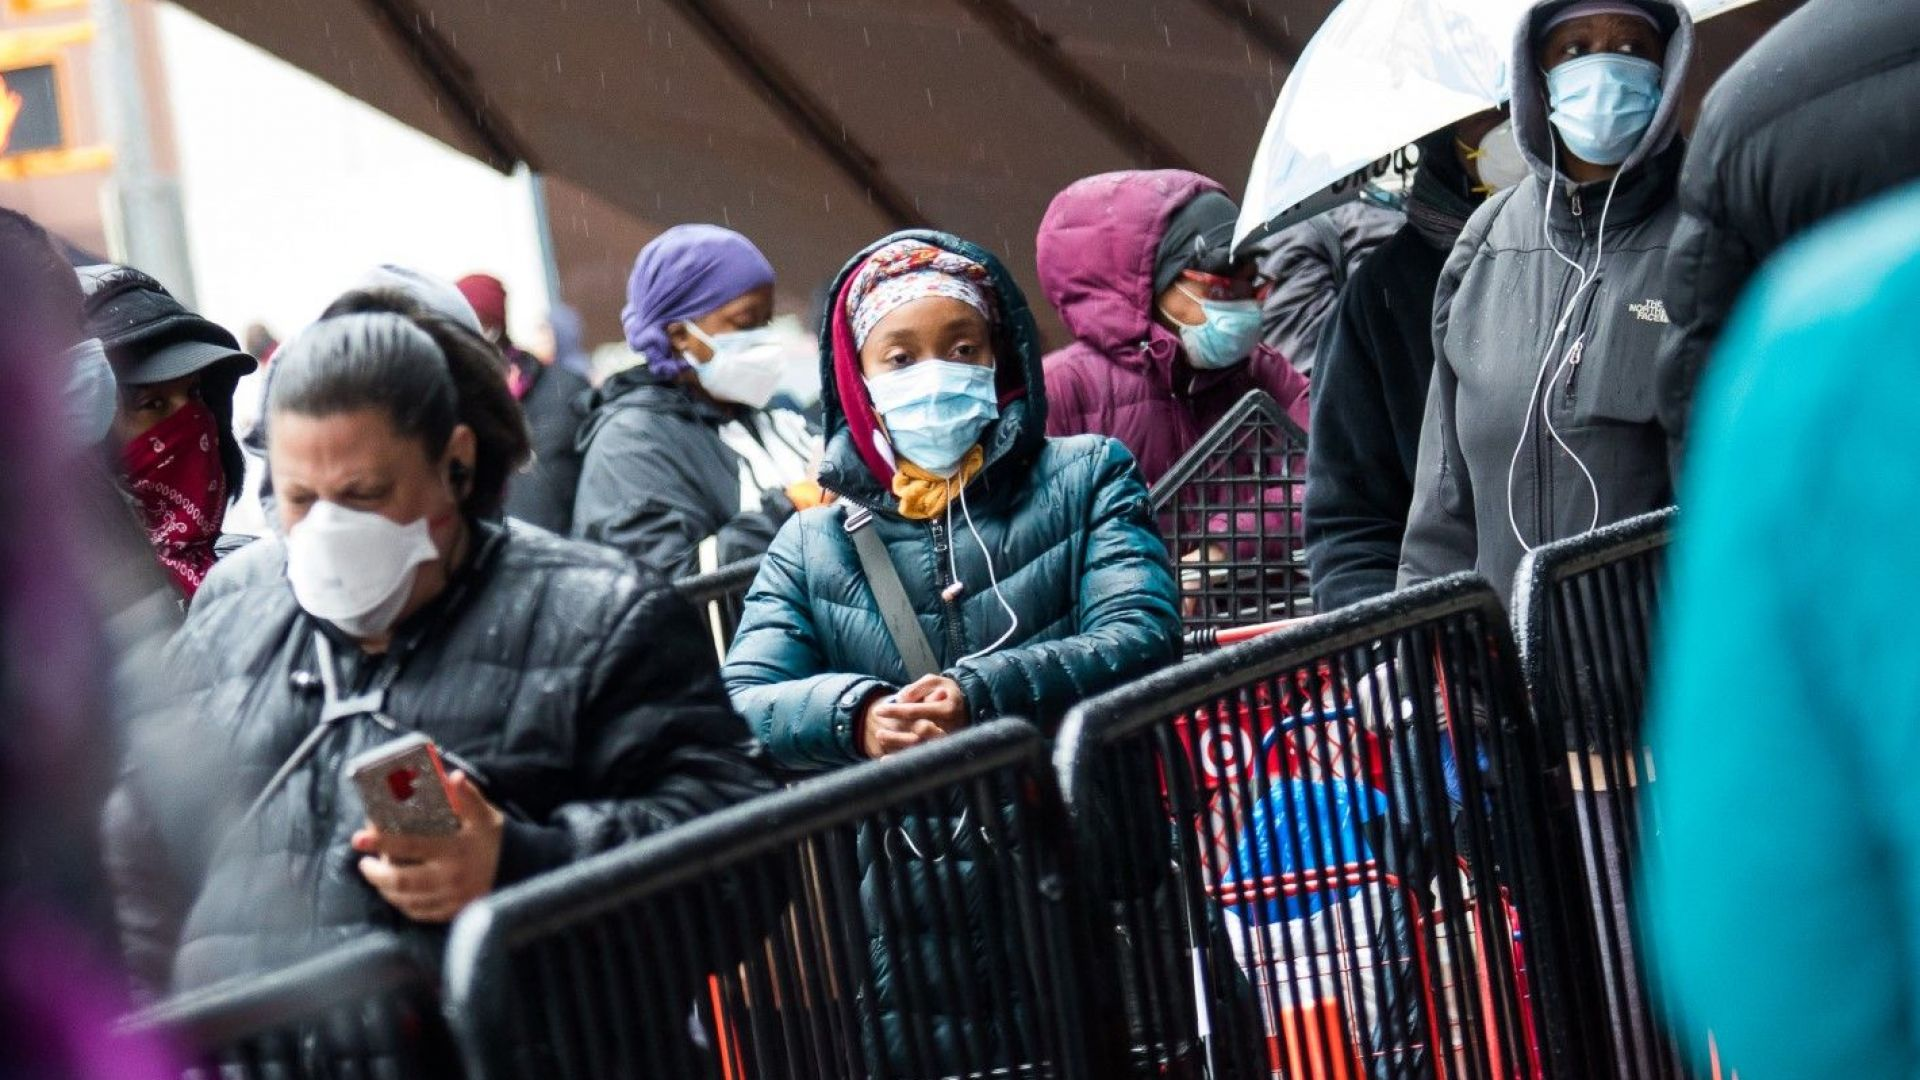 САЩ пред криза: На всеки час по 2600 заразени, втора вълна съкращения